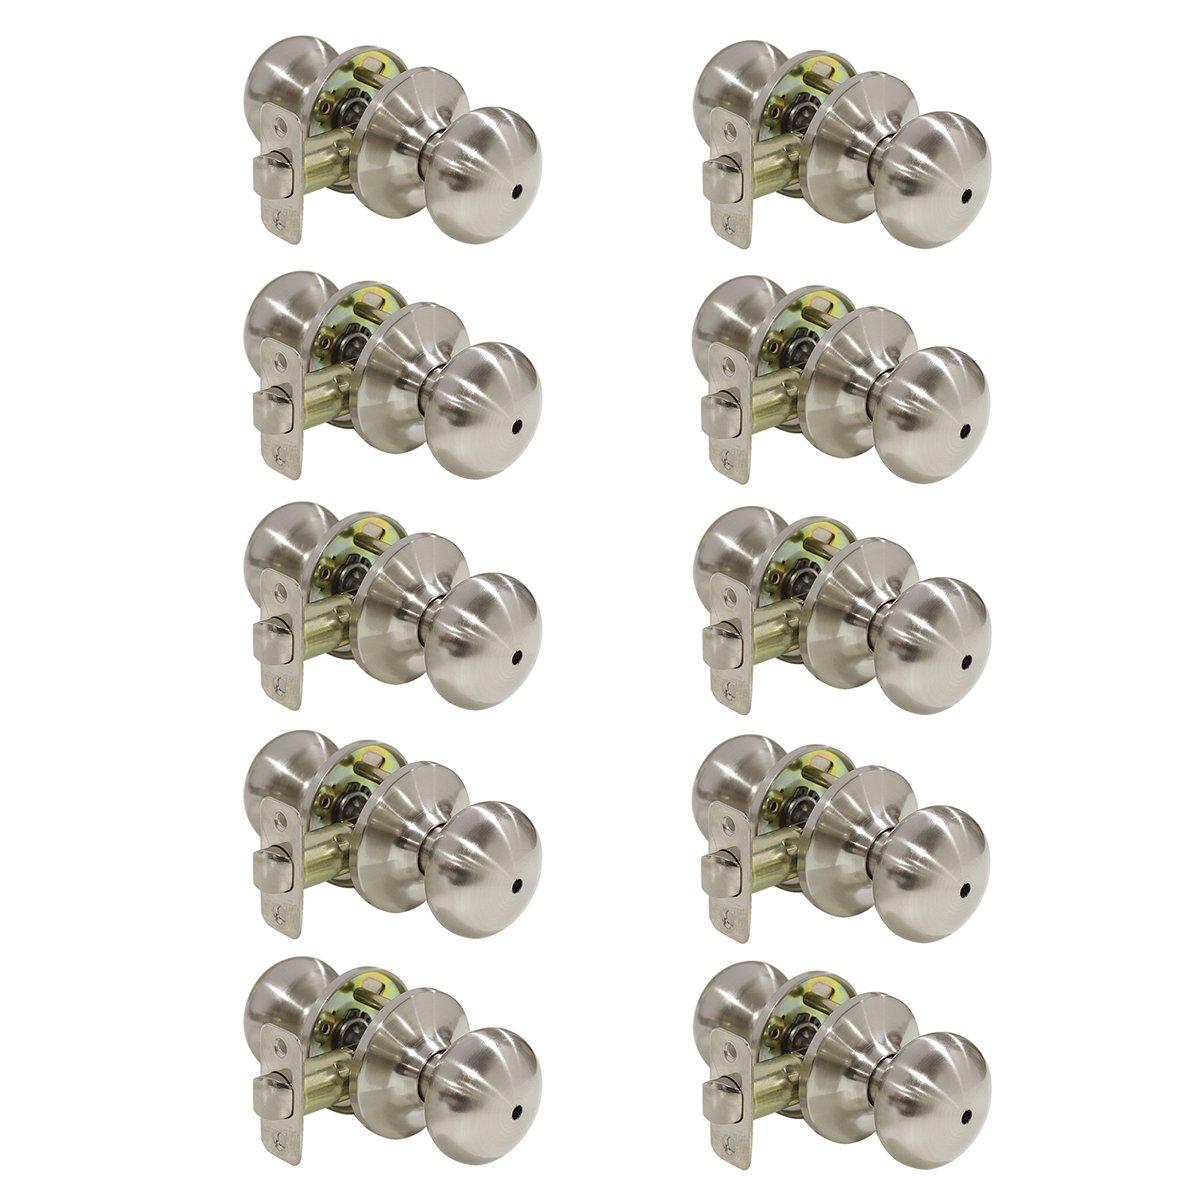 Probrico 10 Pack Privacy Door Lockset Stainless Steel Keyless Door Knobs Lock Set Handles Brushed Nickel (Bedroom & Bathroom)